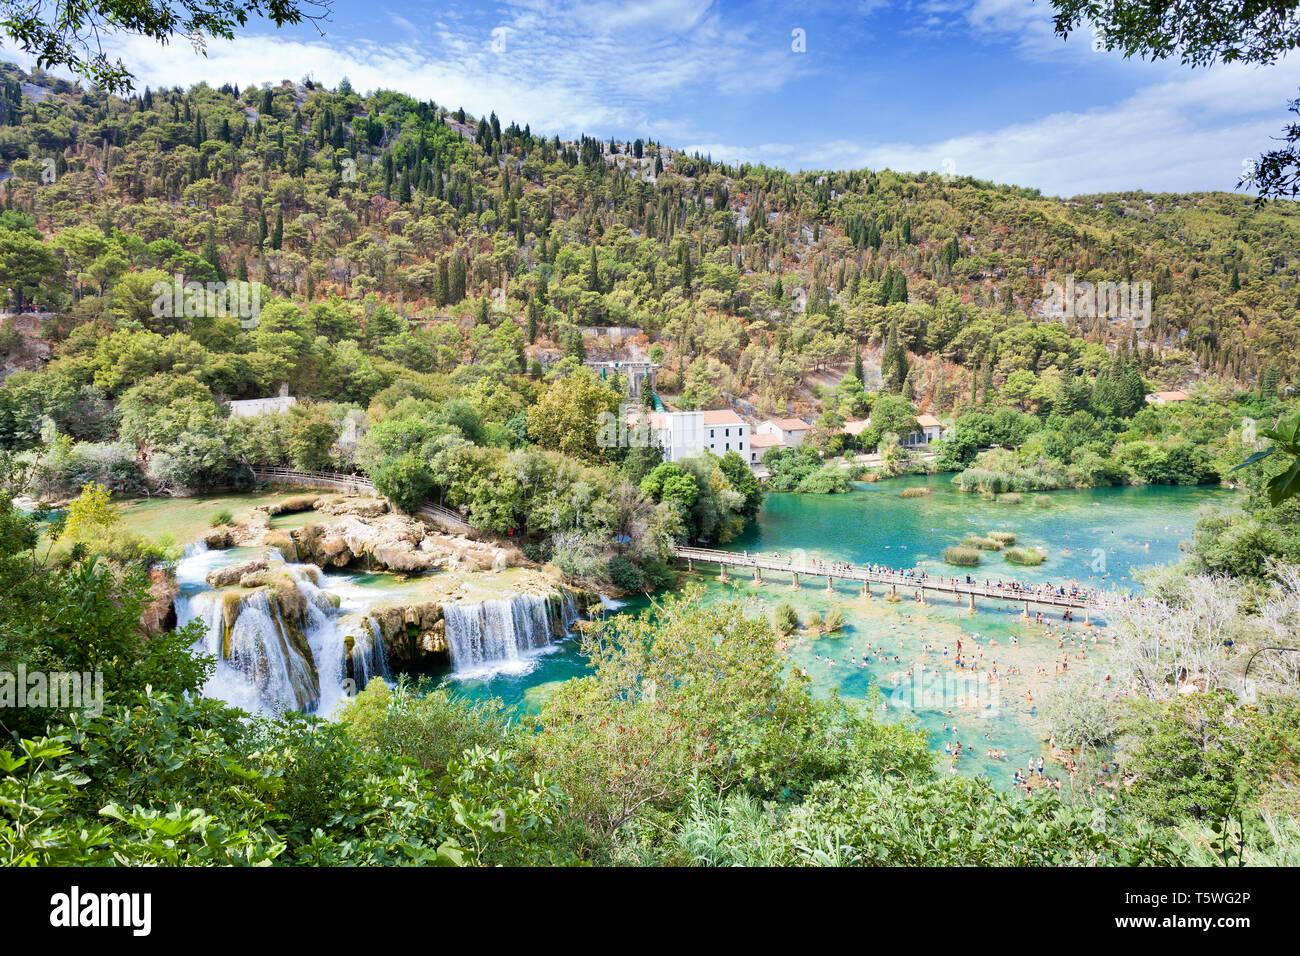 Krka, Sibenik, Kroatien, Europa - 28. AUGUST 2017 - die Touristen wandern und baden an den Nationalpark Krka Stockfoto